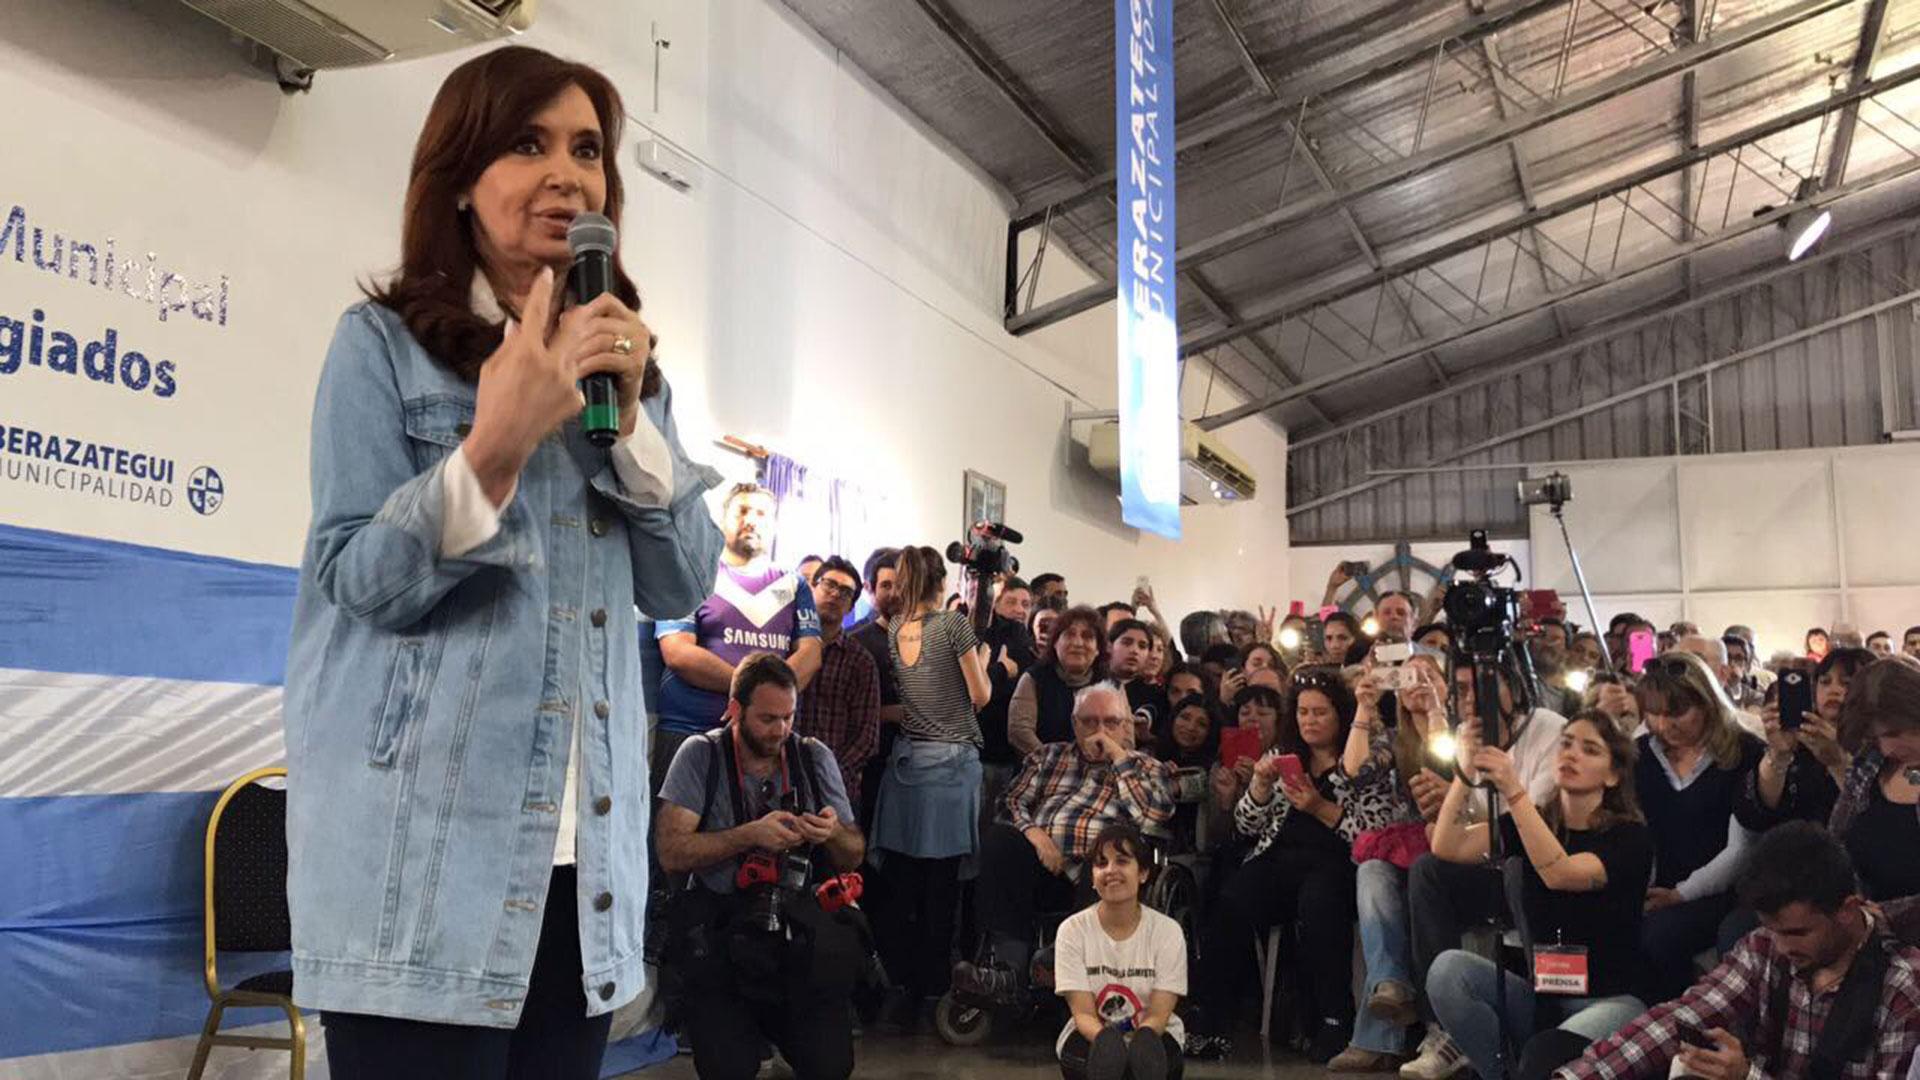 Un sector del peronismo quiere distanciarse de Cristina Kirchner y comenzar un nuevo proyecto